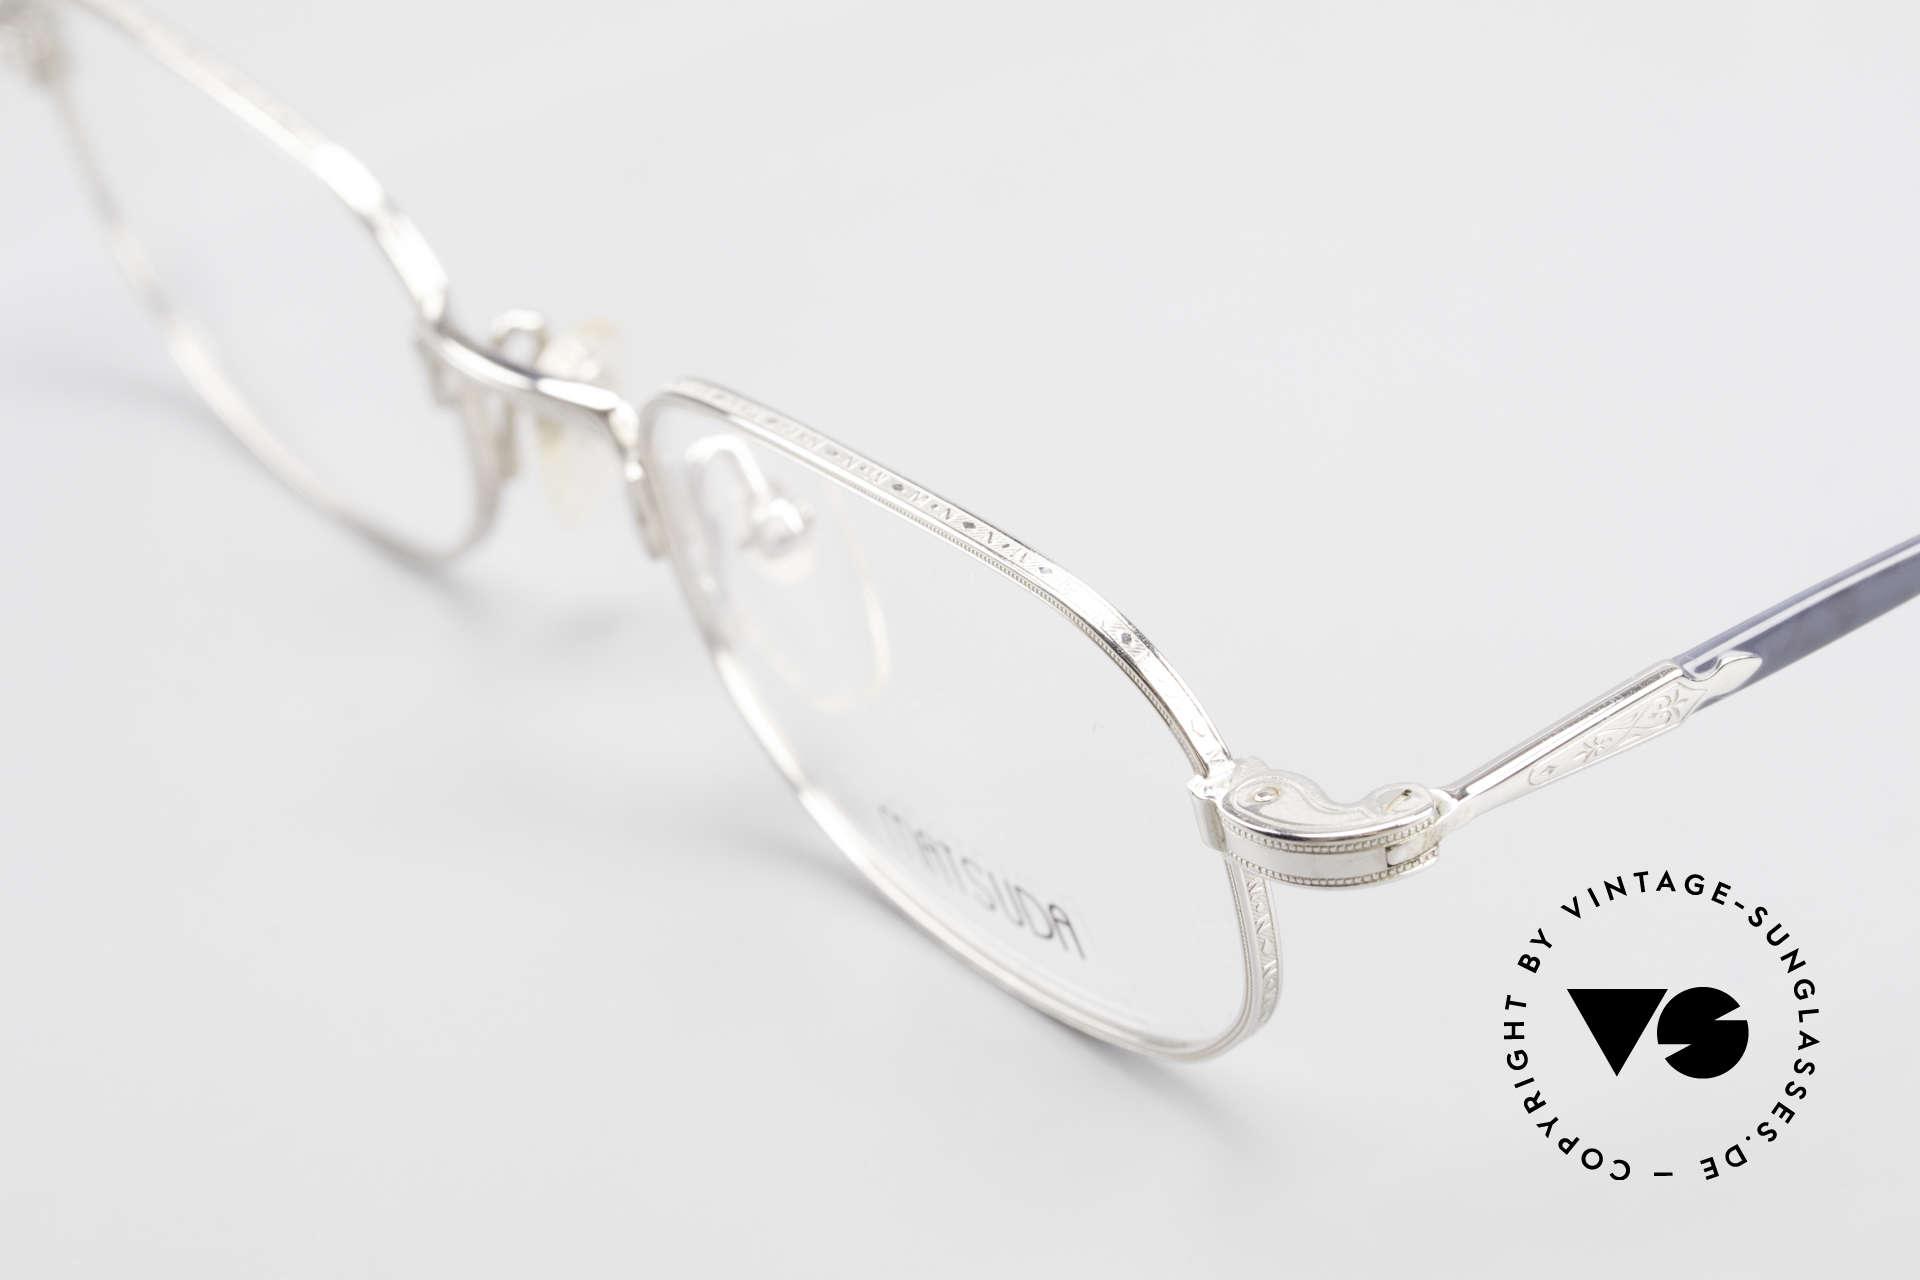 Matsuda 10108 90er Herrenbrille High End, ein Meisterstück für Qualitätsliebhaber, made in Japan, Passend für Herren